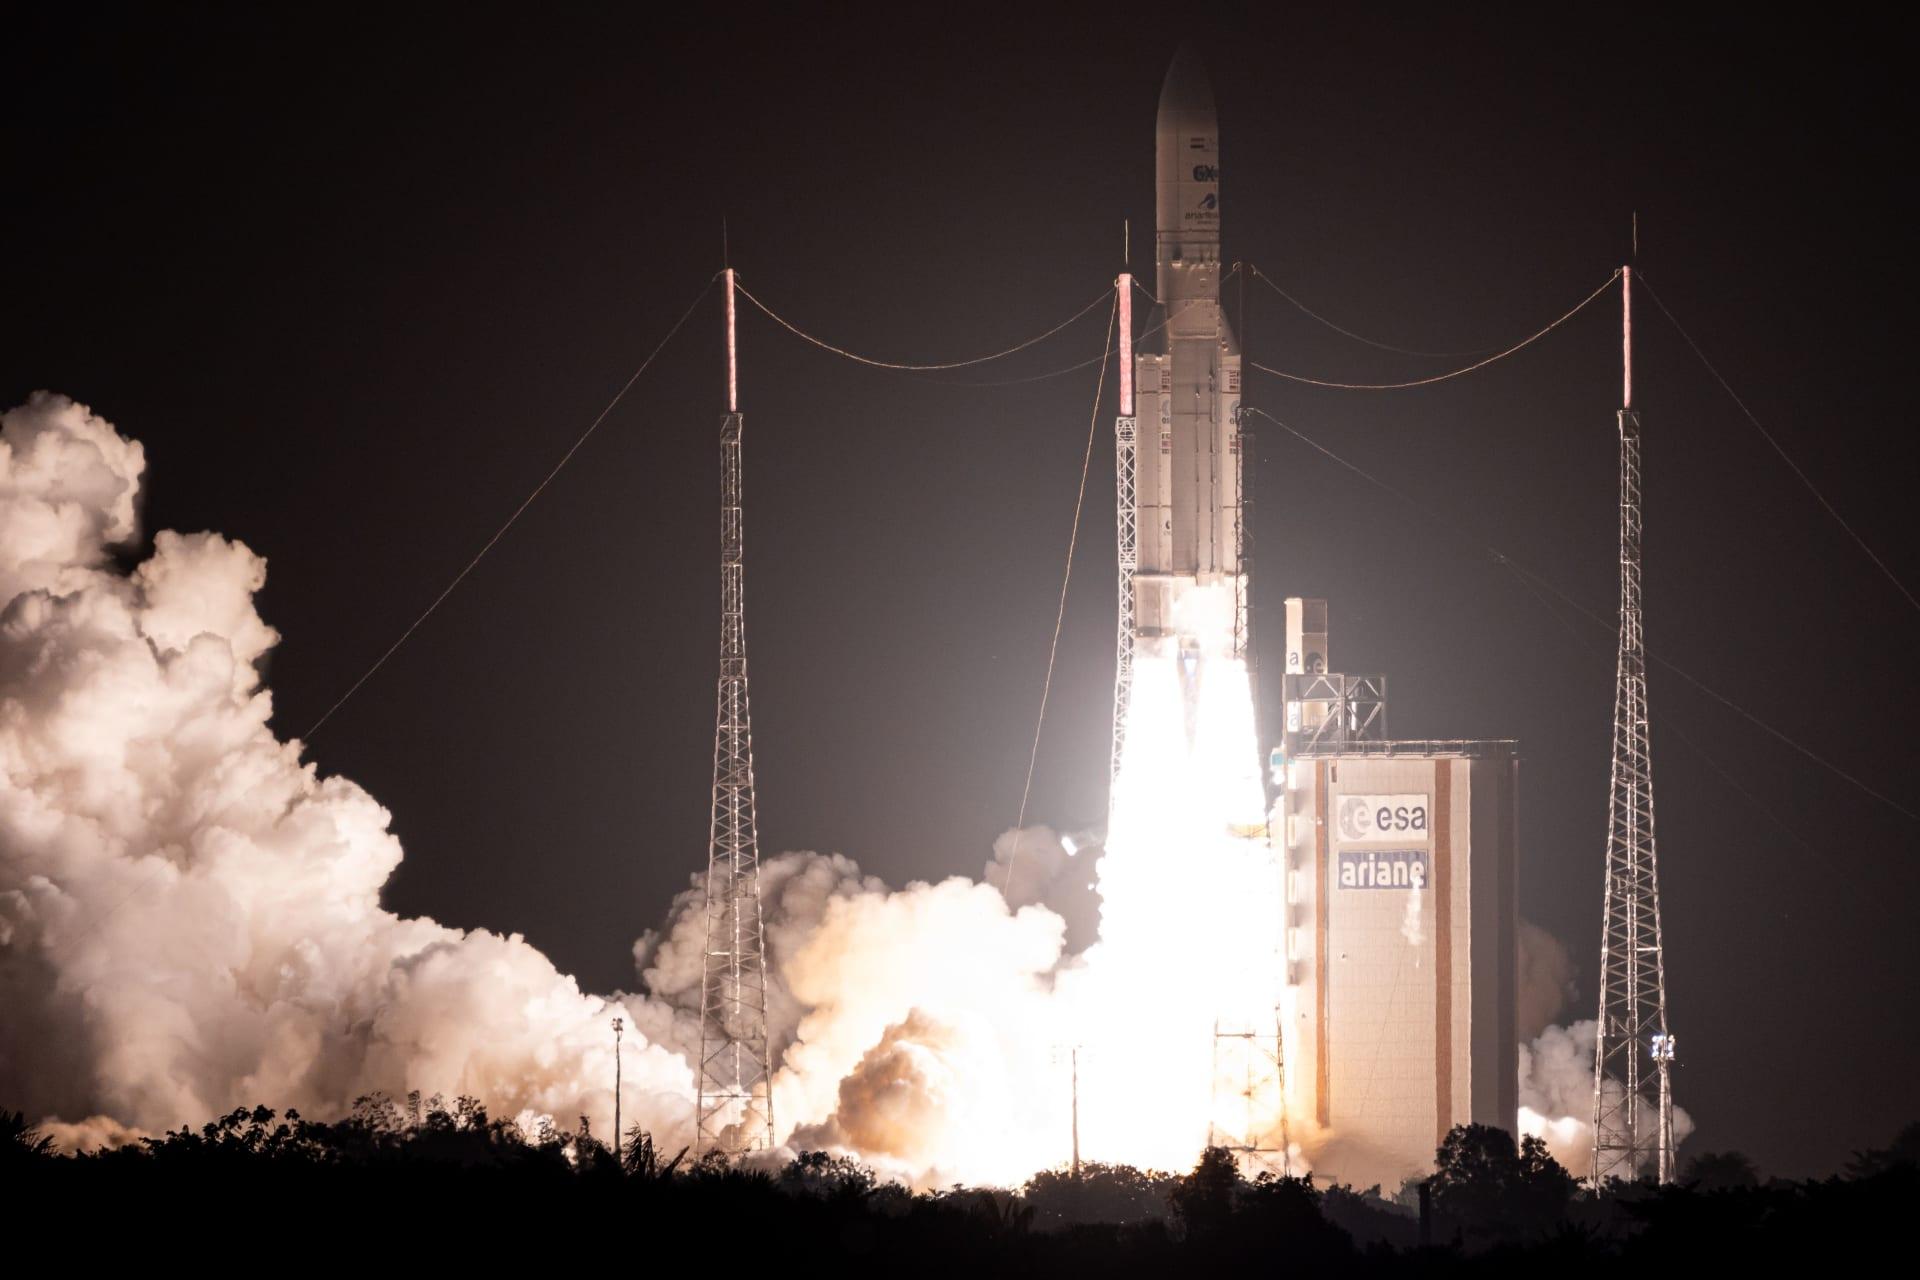 مصر تطلق أول قمر صناعي للاتصالات